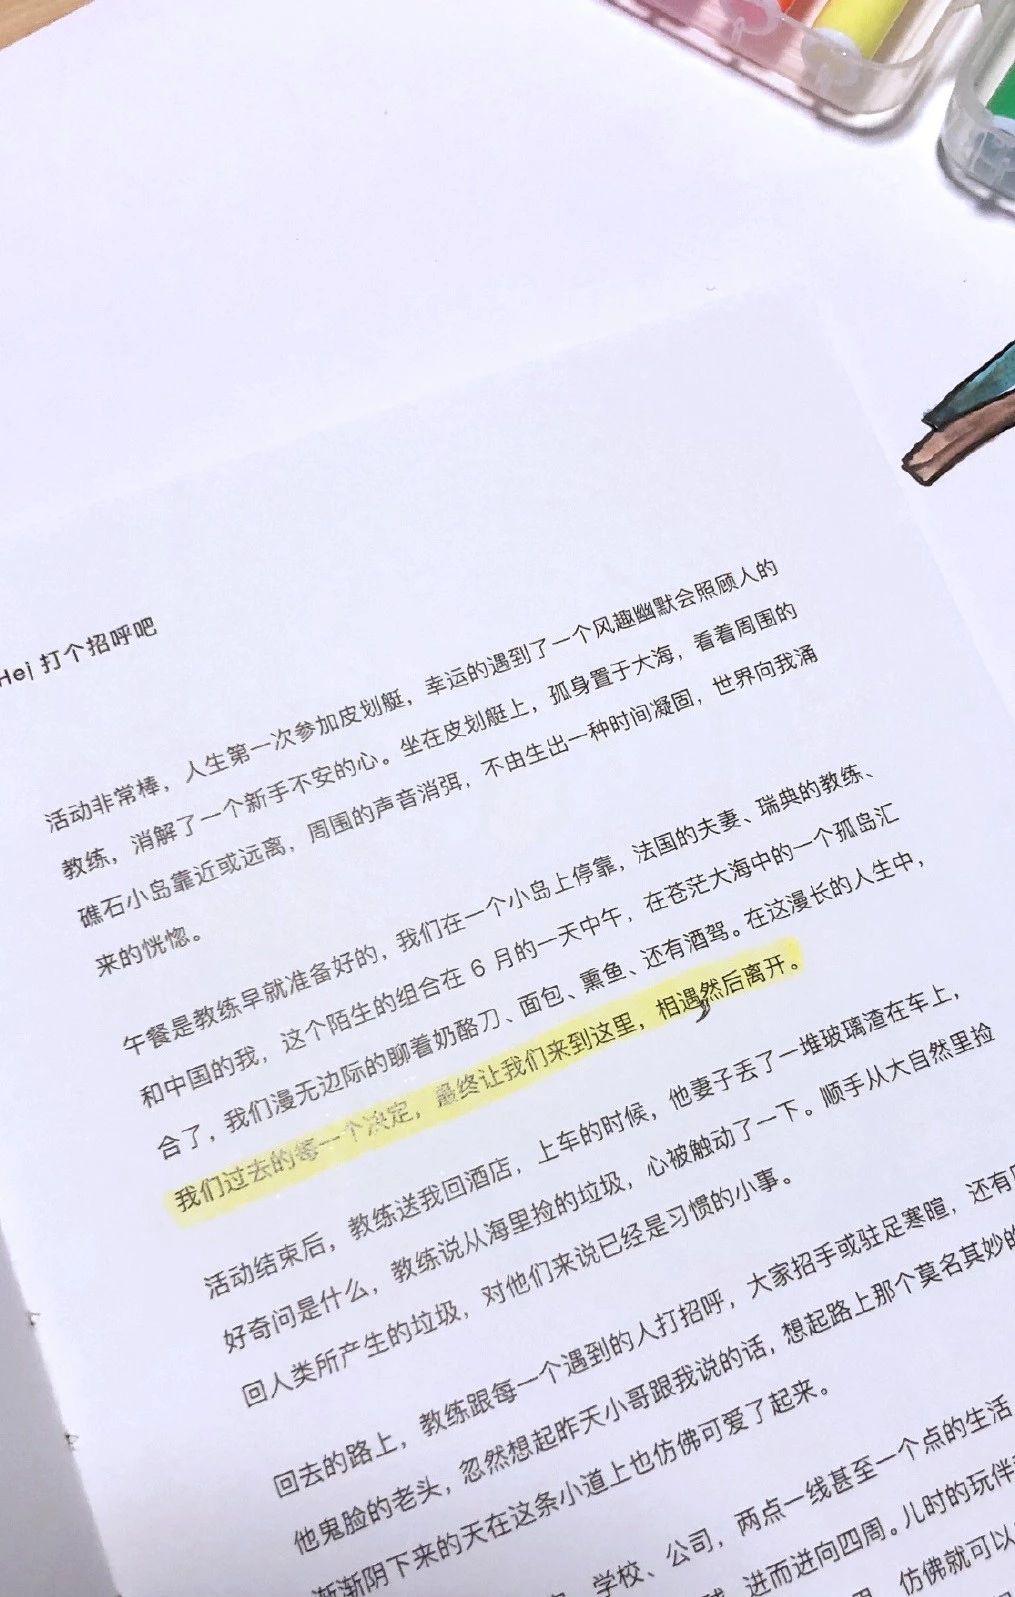 慕溪北欧旅游 Xbook